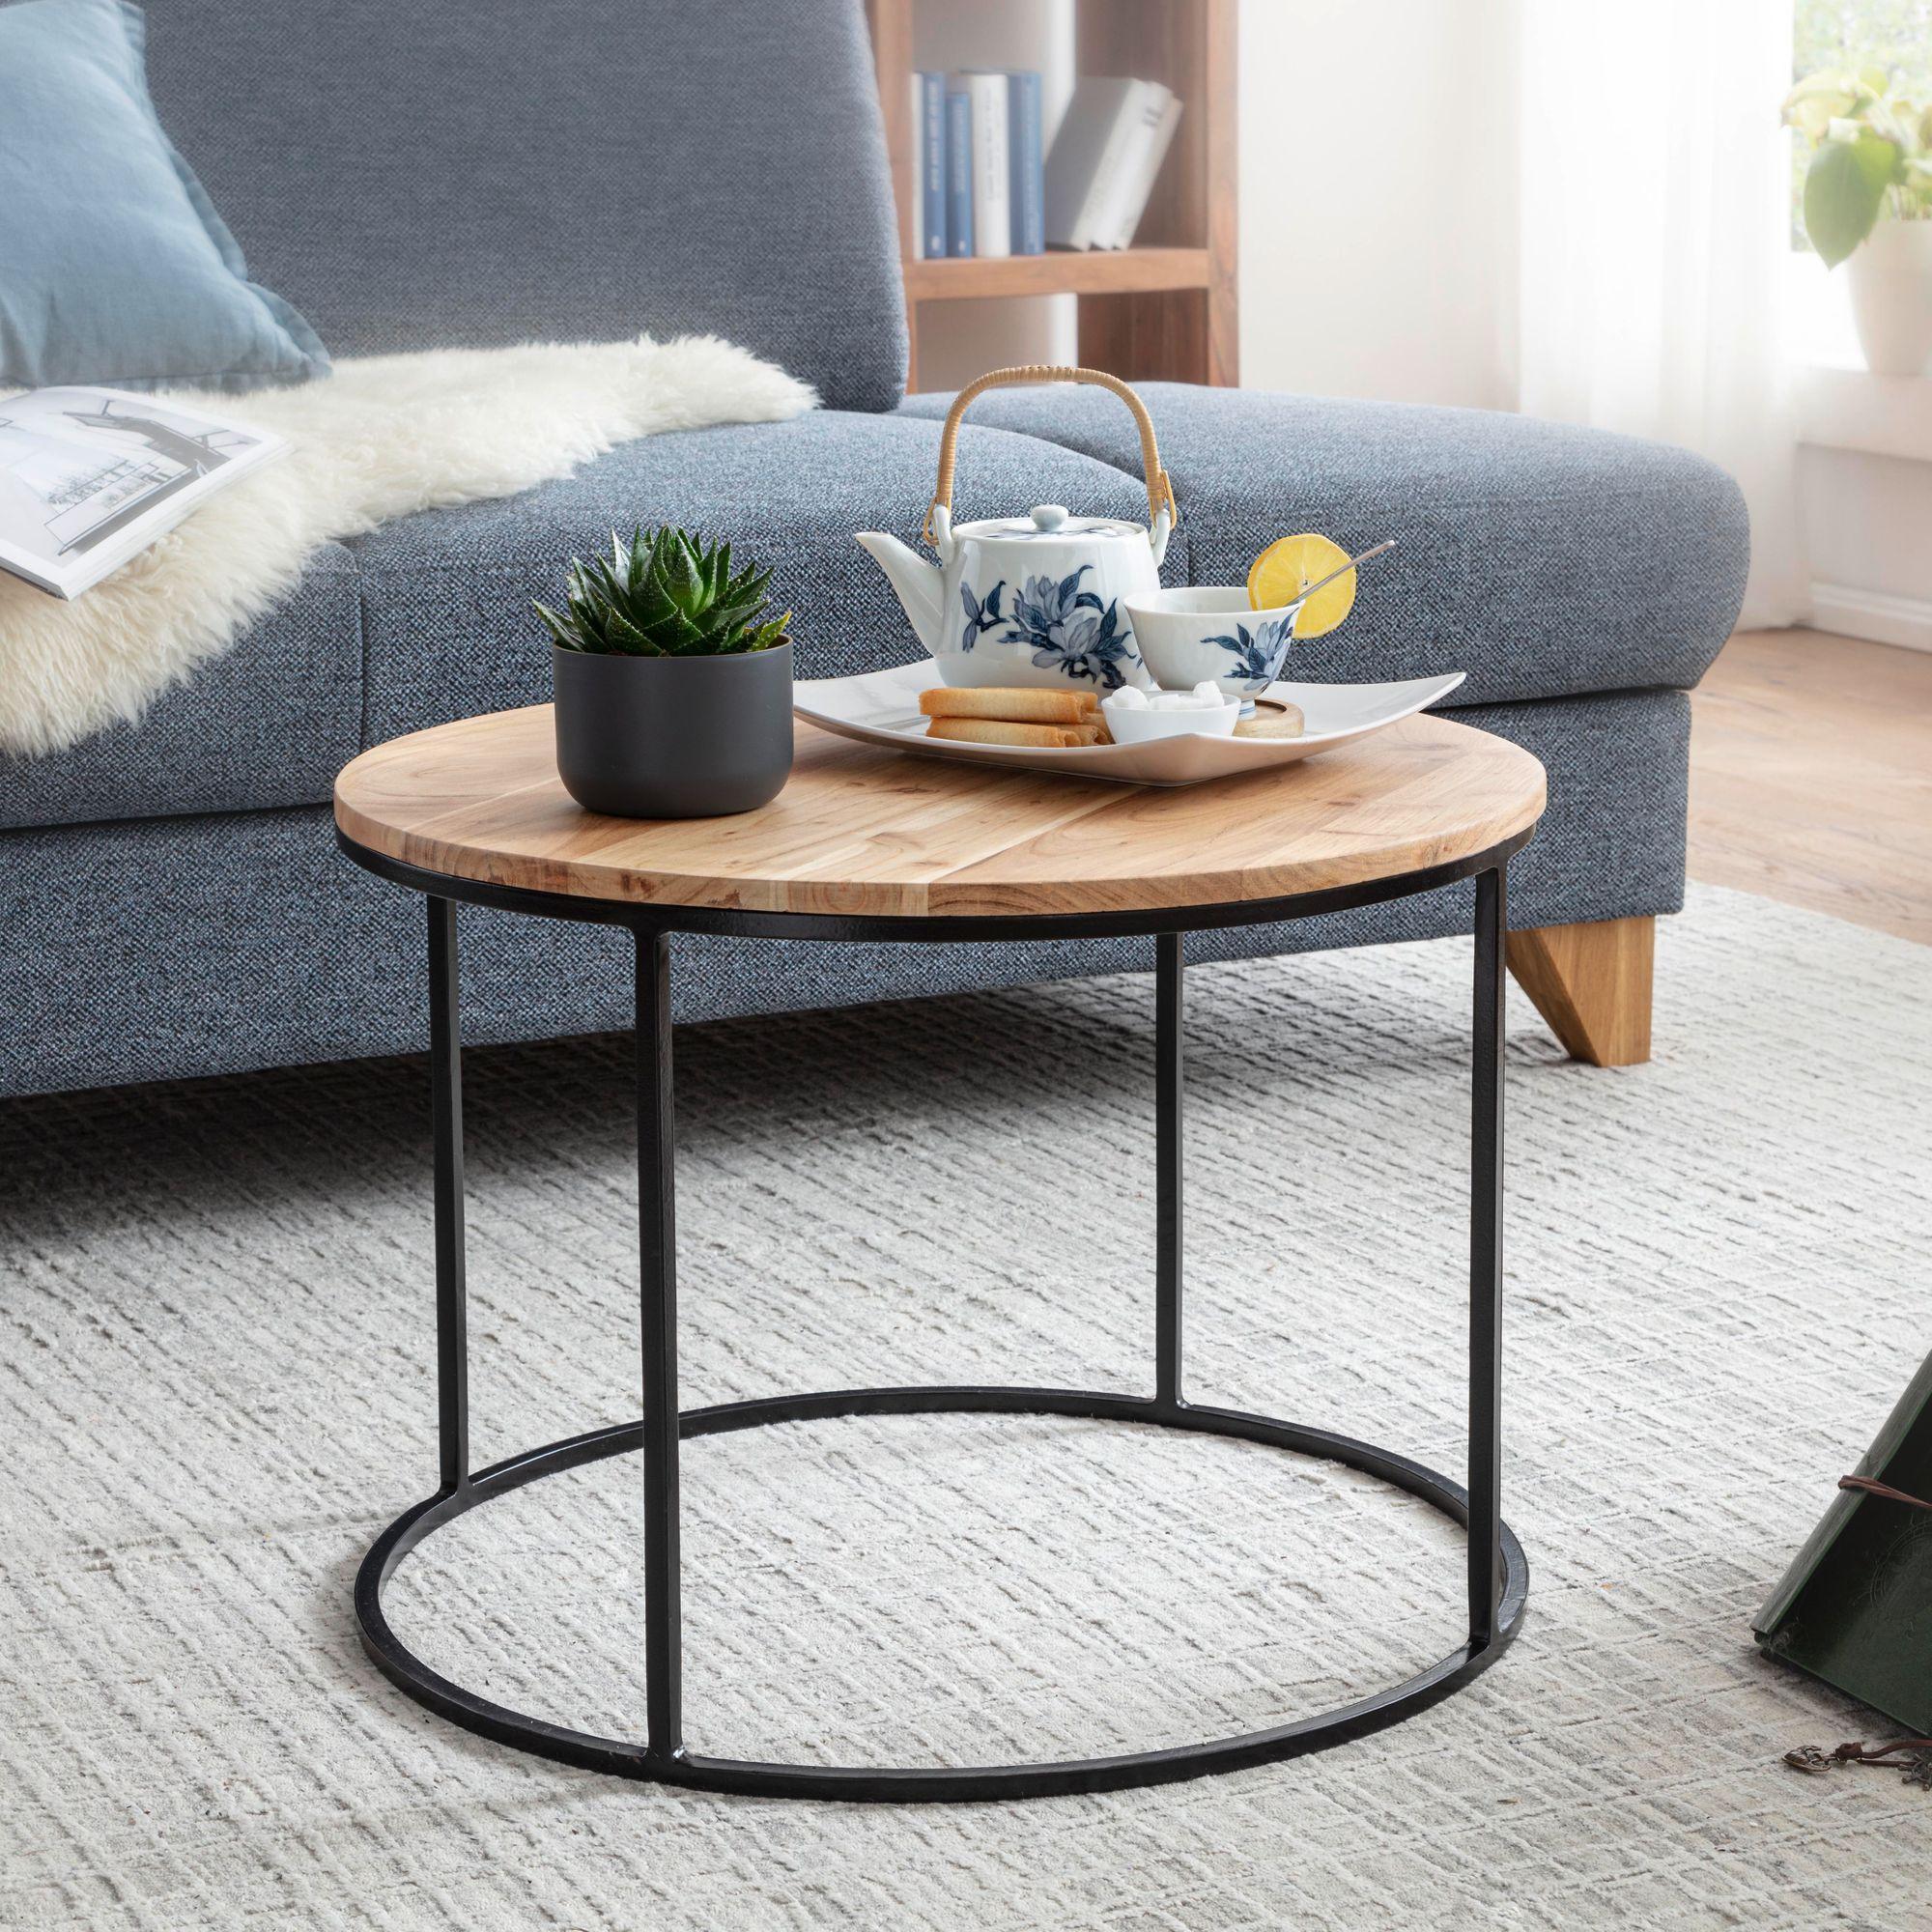 Full Size of Wohnzimmer Tisch Wohnling Couchtisch 60x43x60 Cm Akazie Massivholz Metall Sofatisch Design Wohnzimmertisch Rund Kaffeetisch Massiv Kleiner Esstisch Grau Liege Wohnzimmer Wohnzimmer Tisch